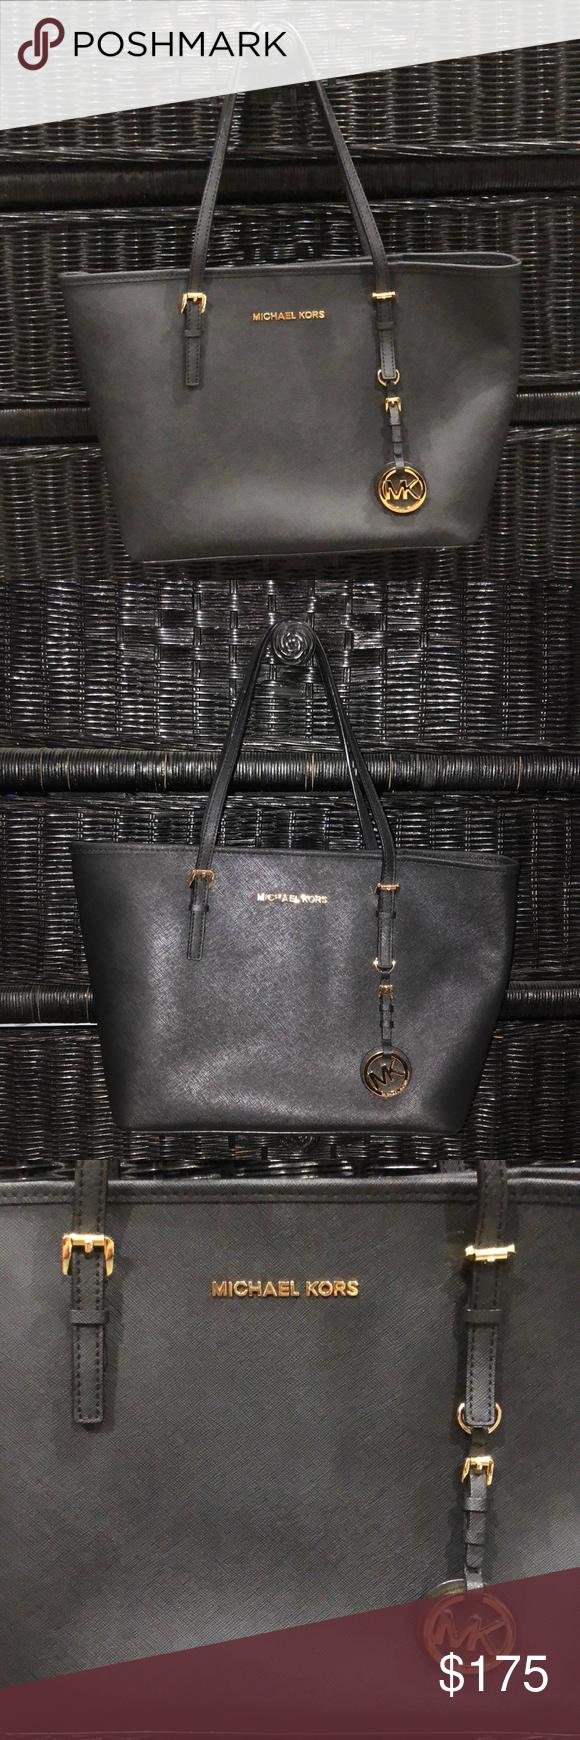 47aca045d5 Michael Kors Handbag MK Purse Saffiano Leather Bag Michael Kors Handbag MK  Purse Jet Black Saffiano